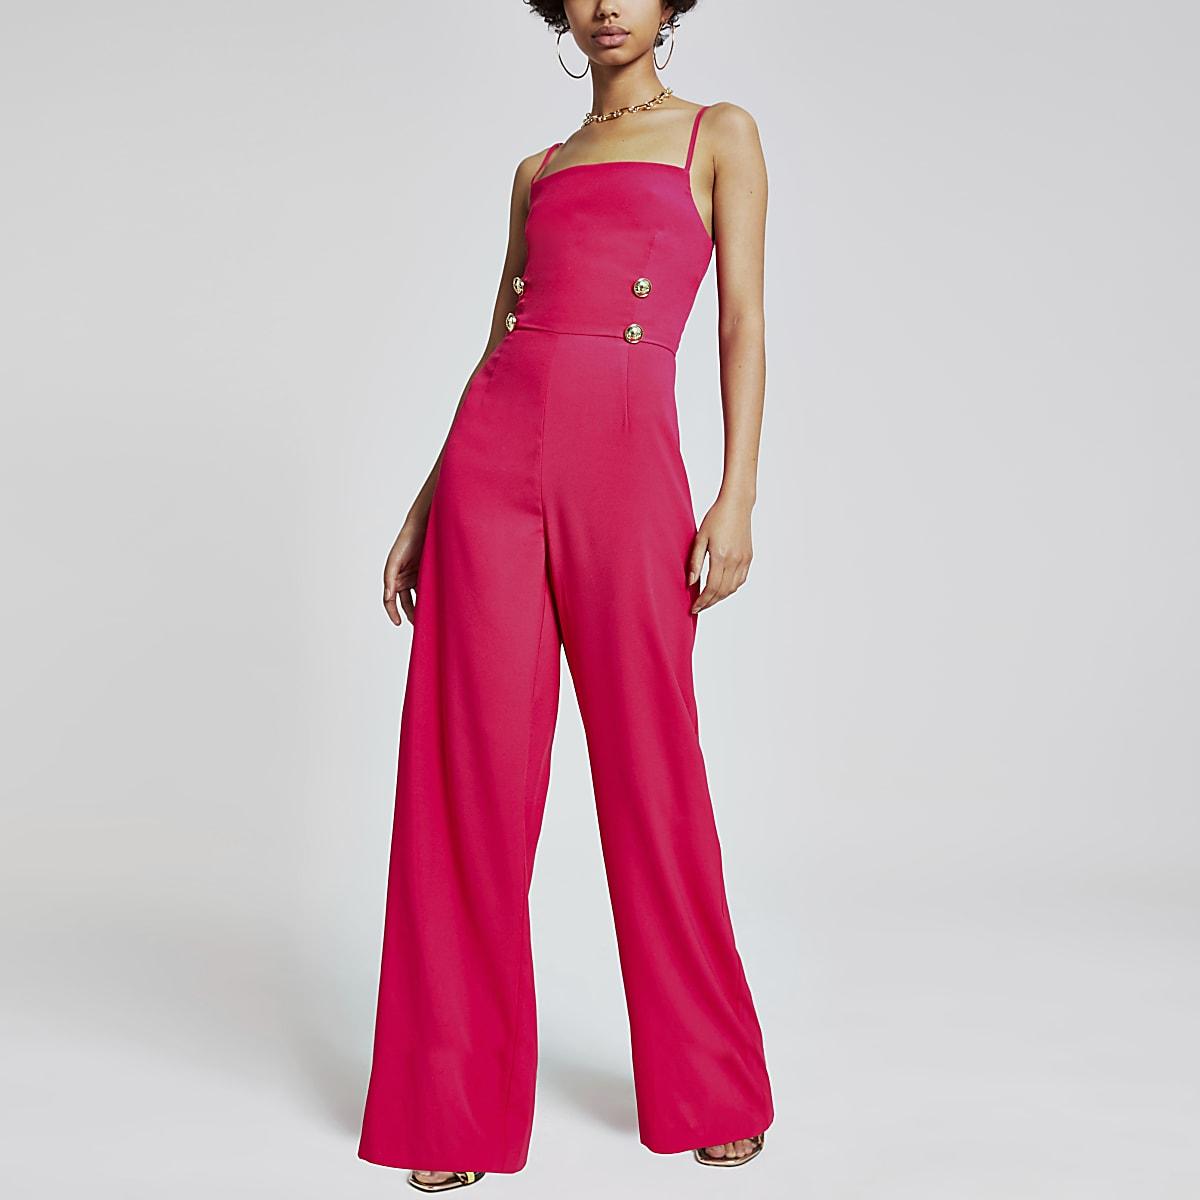 Pink button front wide leg jumpsuit